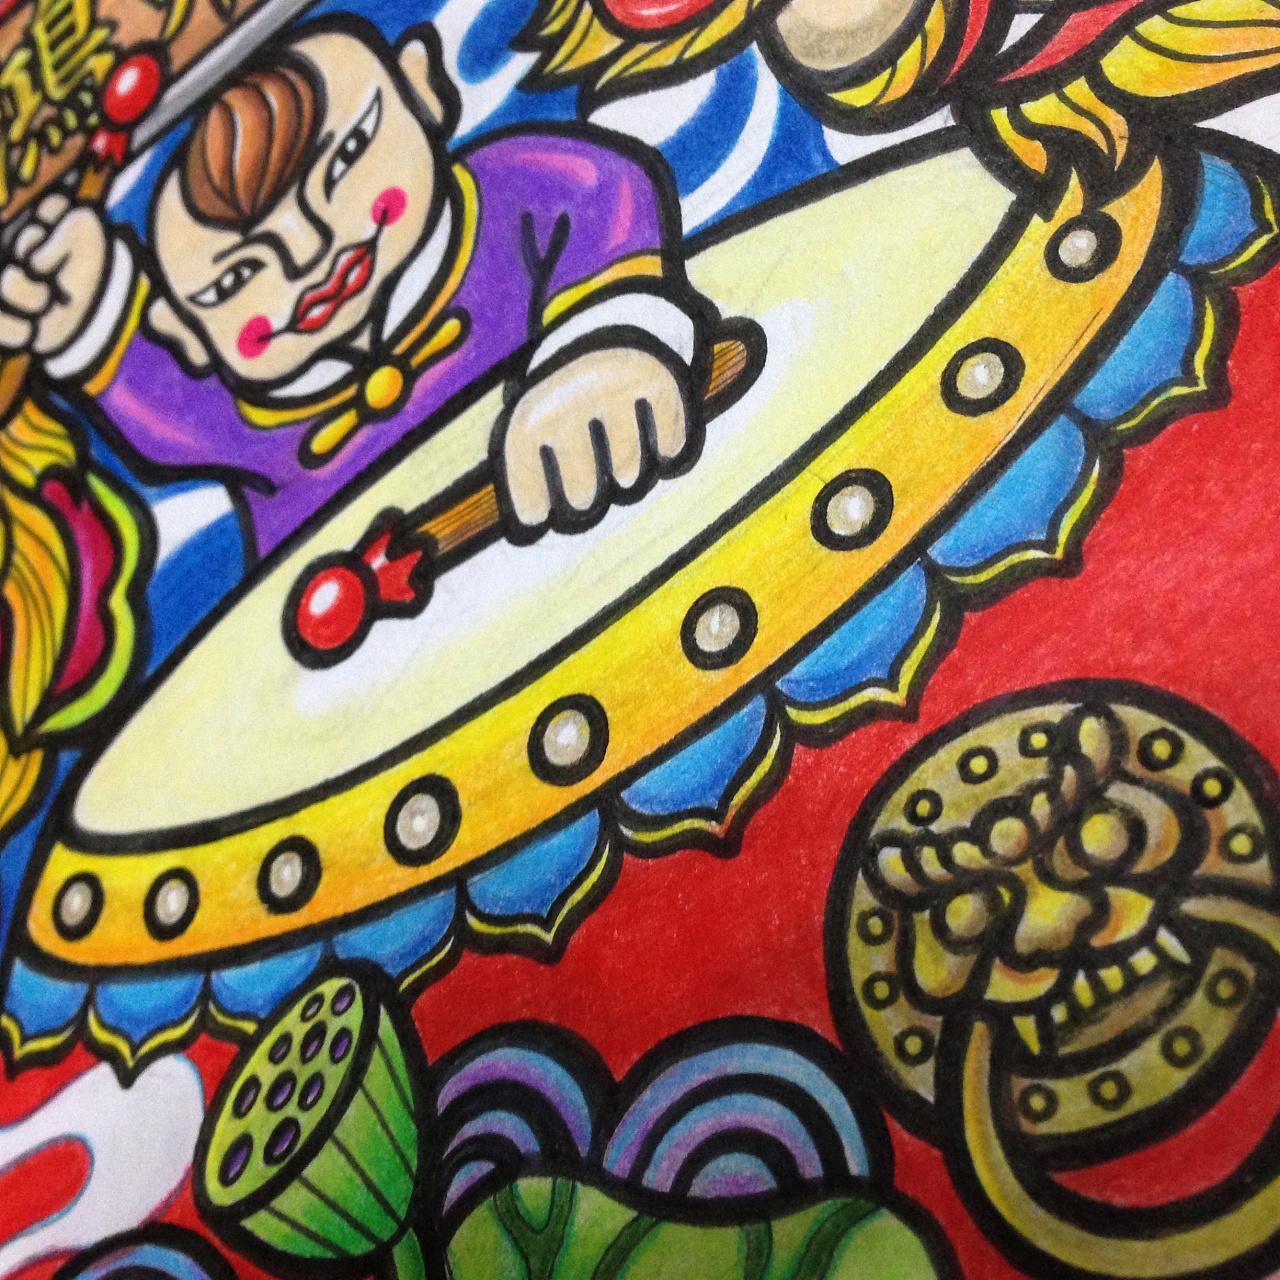 南京奥体某功夫窖菜酒楼手绘涂鸦墙壁画新作|插画